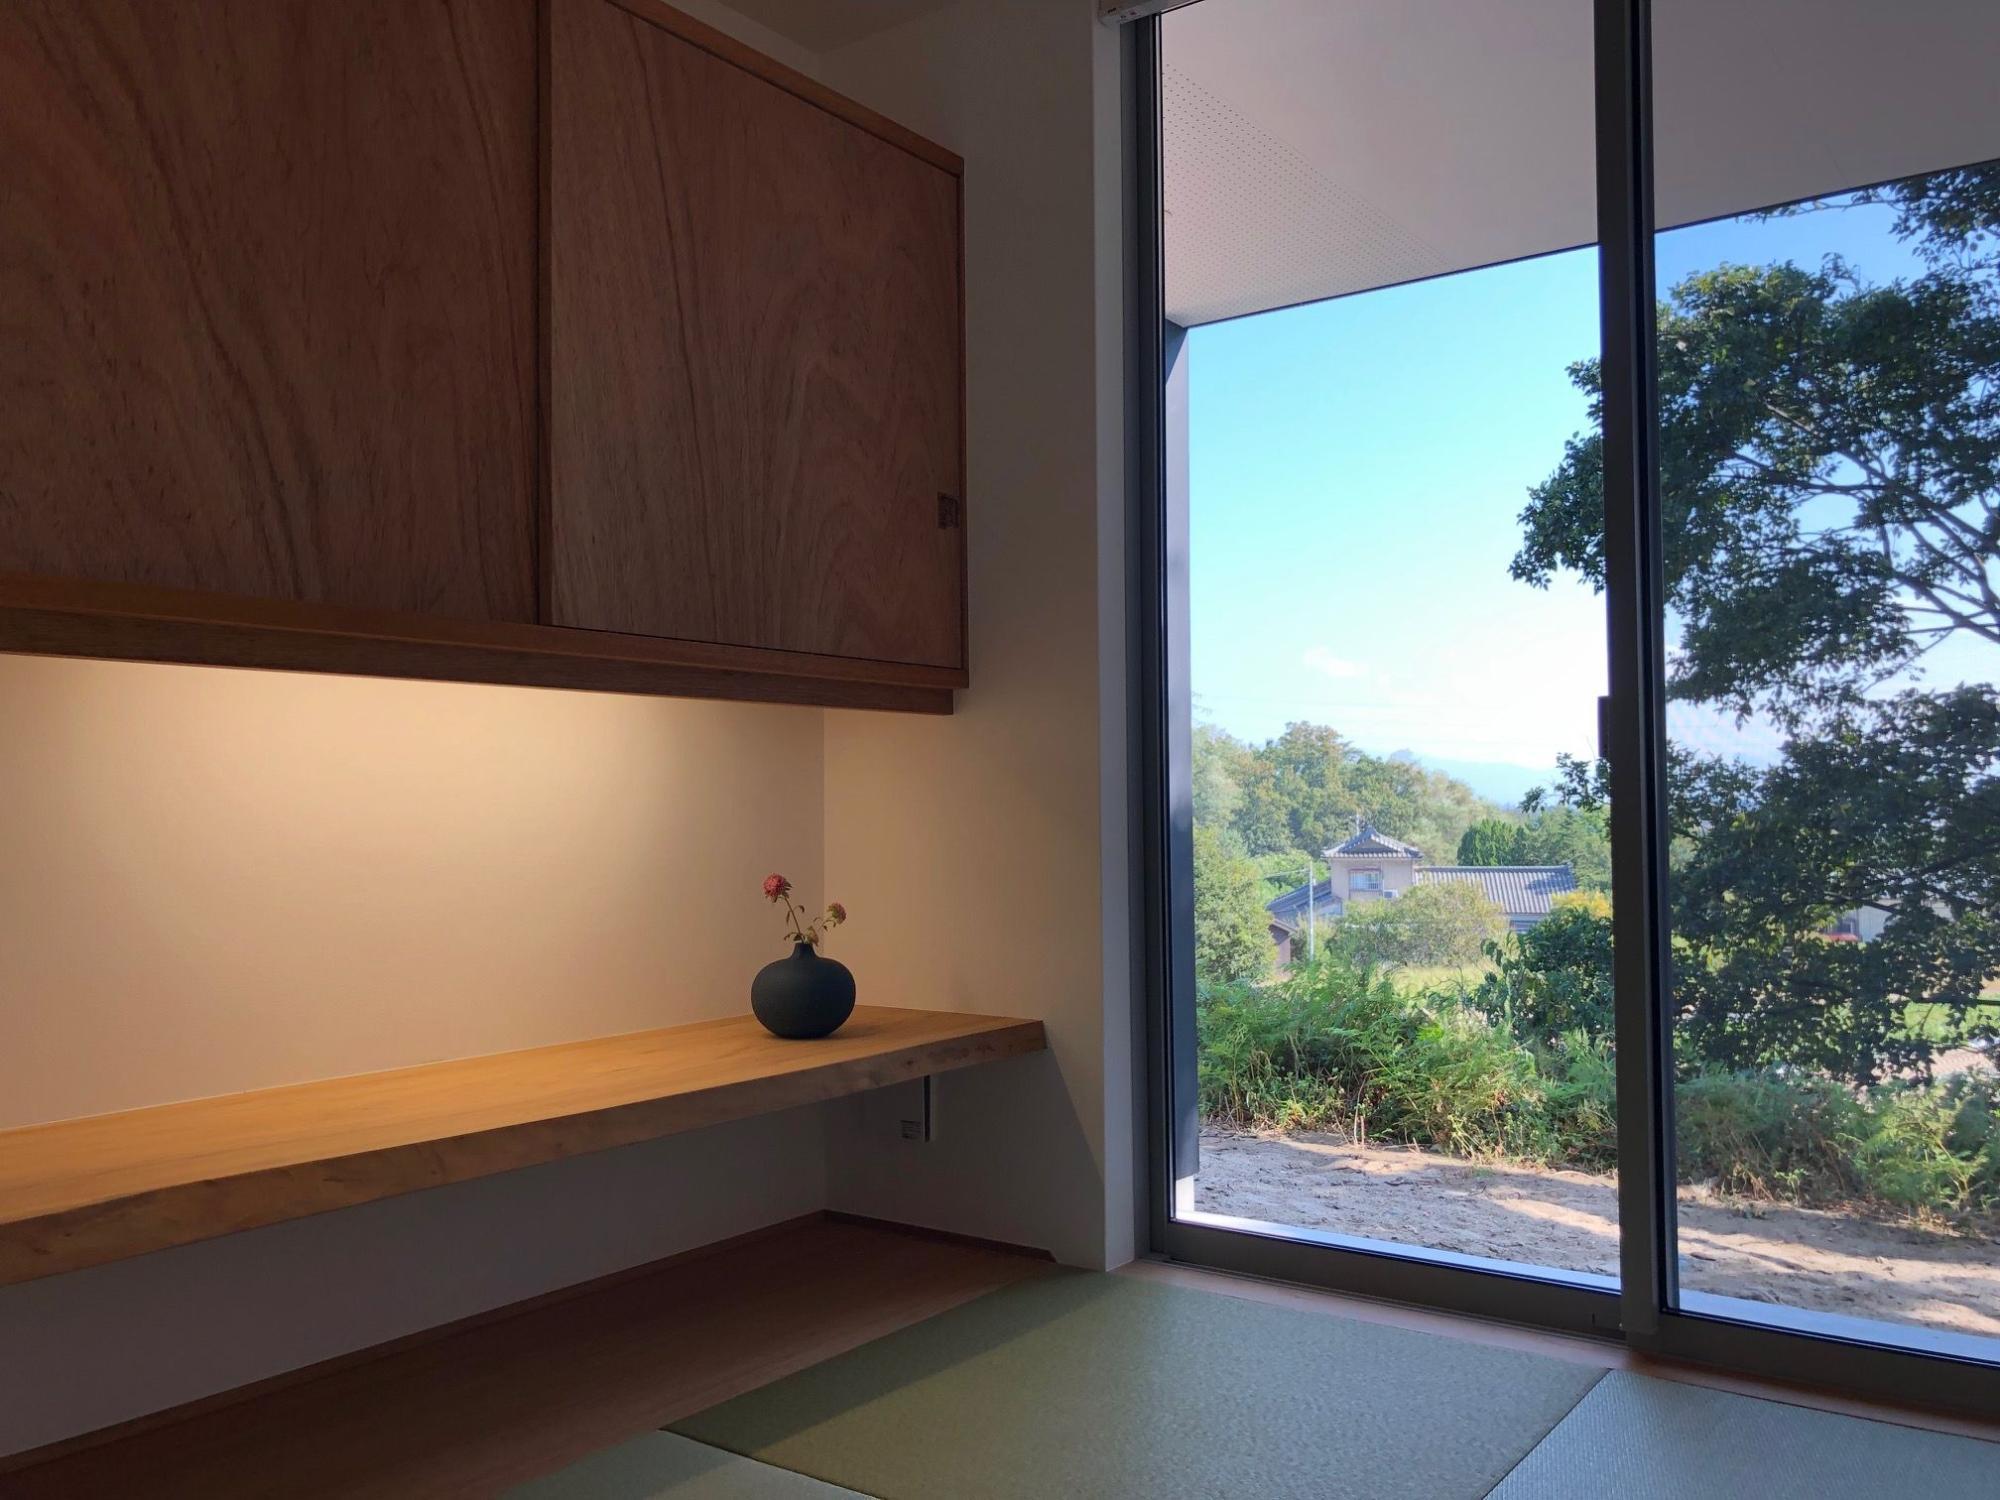 株式会社あかがわ建築設計室「雄景の家」のシンプル・ナチュラル・和風・和モダンな居室の実例写真